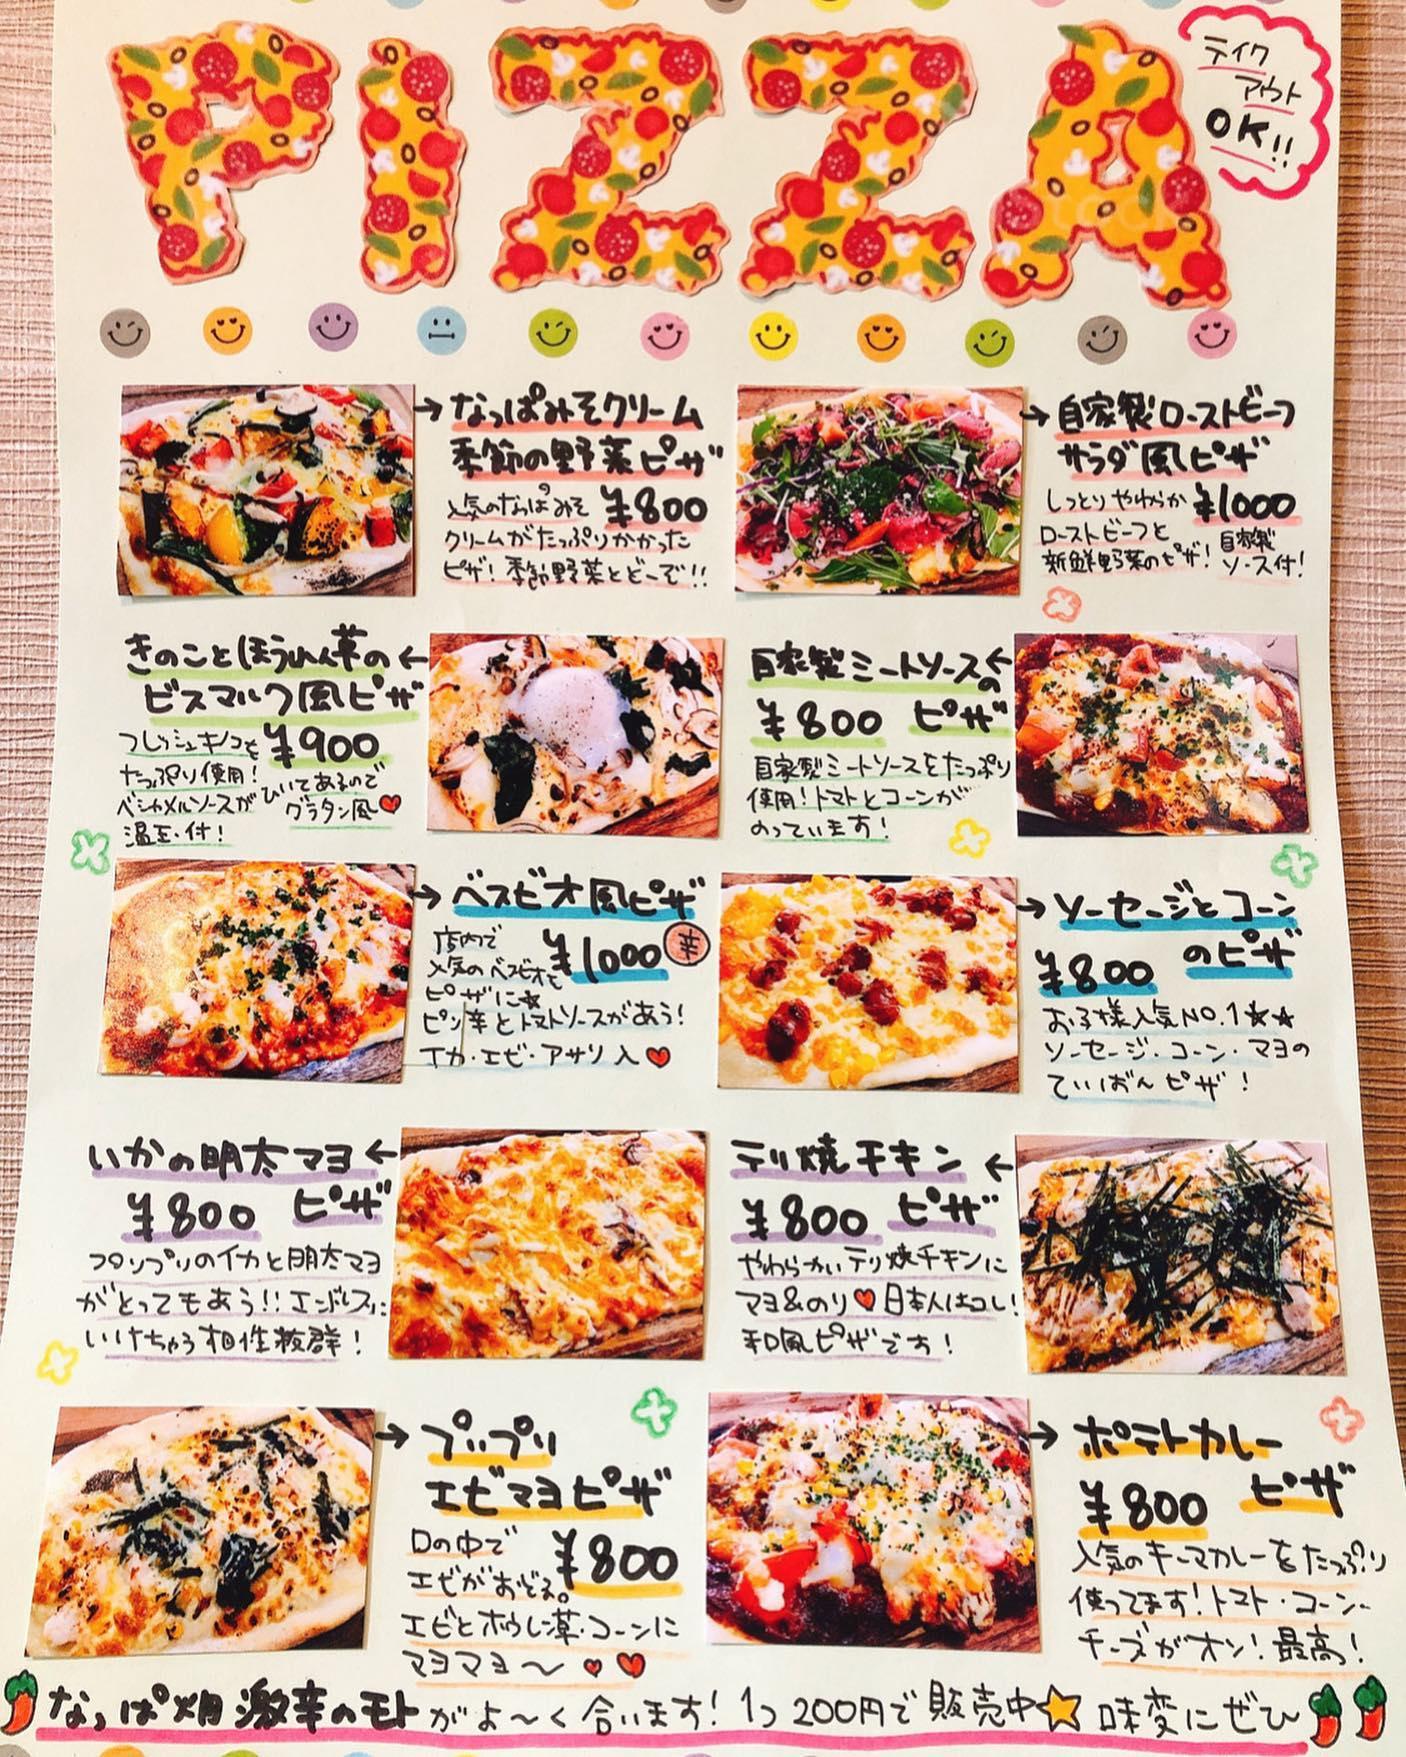 昨日初めてピザが完売しました。 ありがとうございます